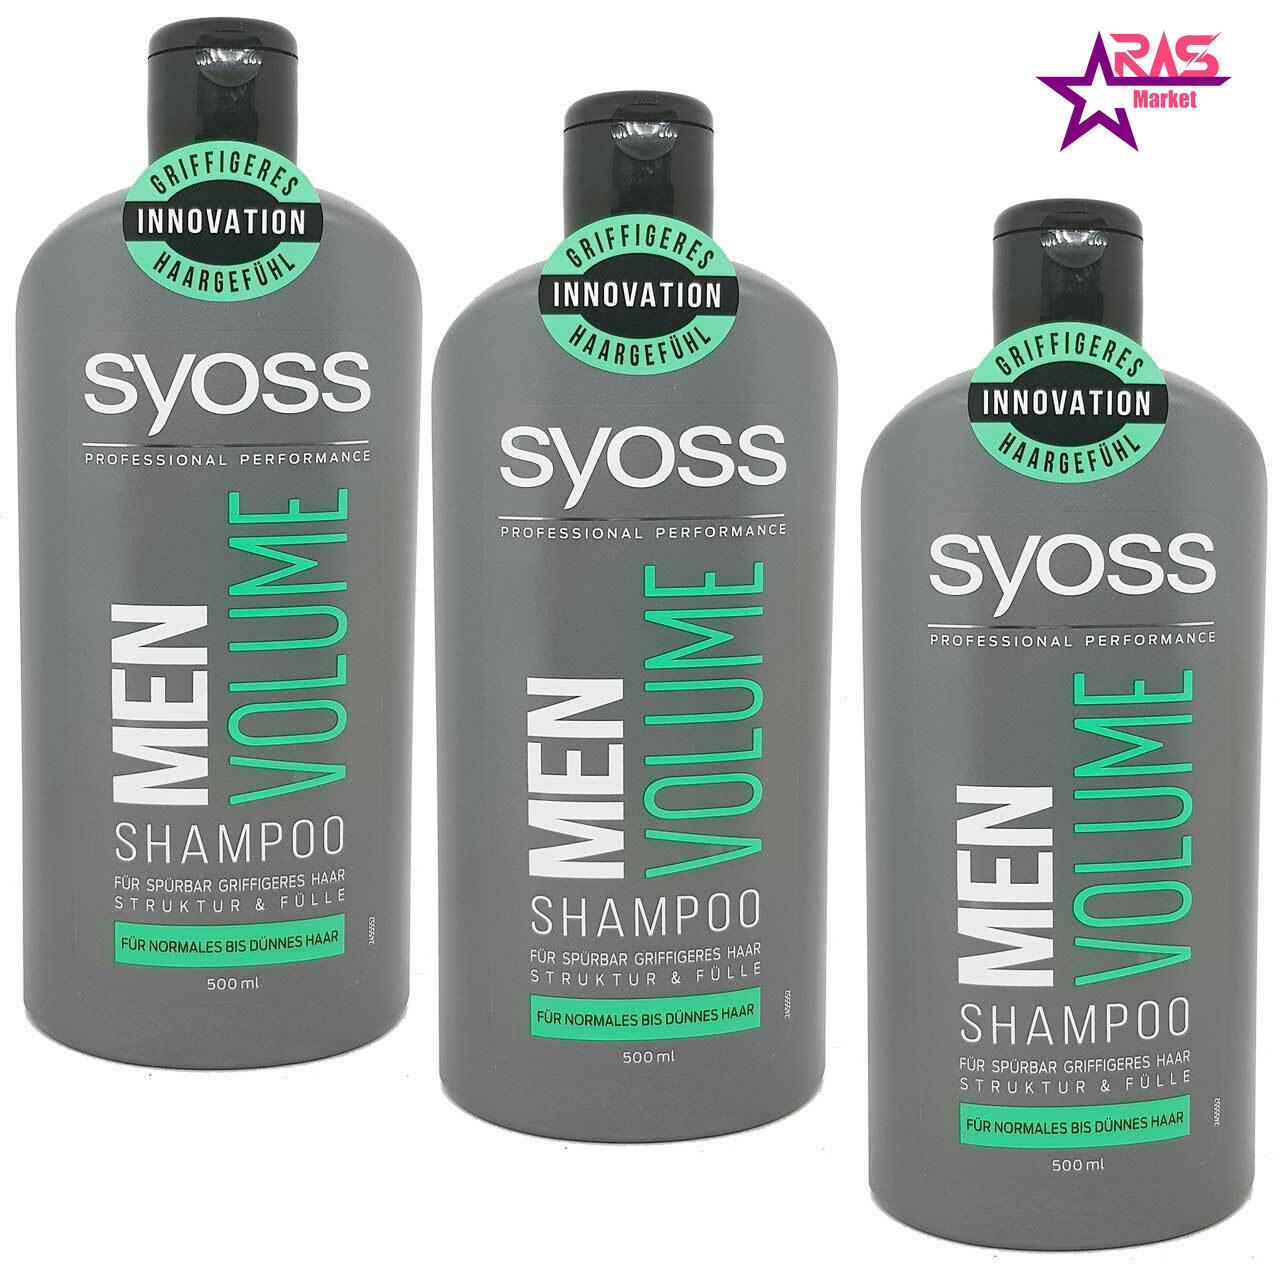 شامپو سایوس مردانه مدل Men Volume حجم 500 میلی لیتر ، فروشگاه اینترنتی ارس مارکت ، شامپو مو